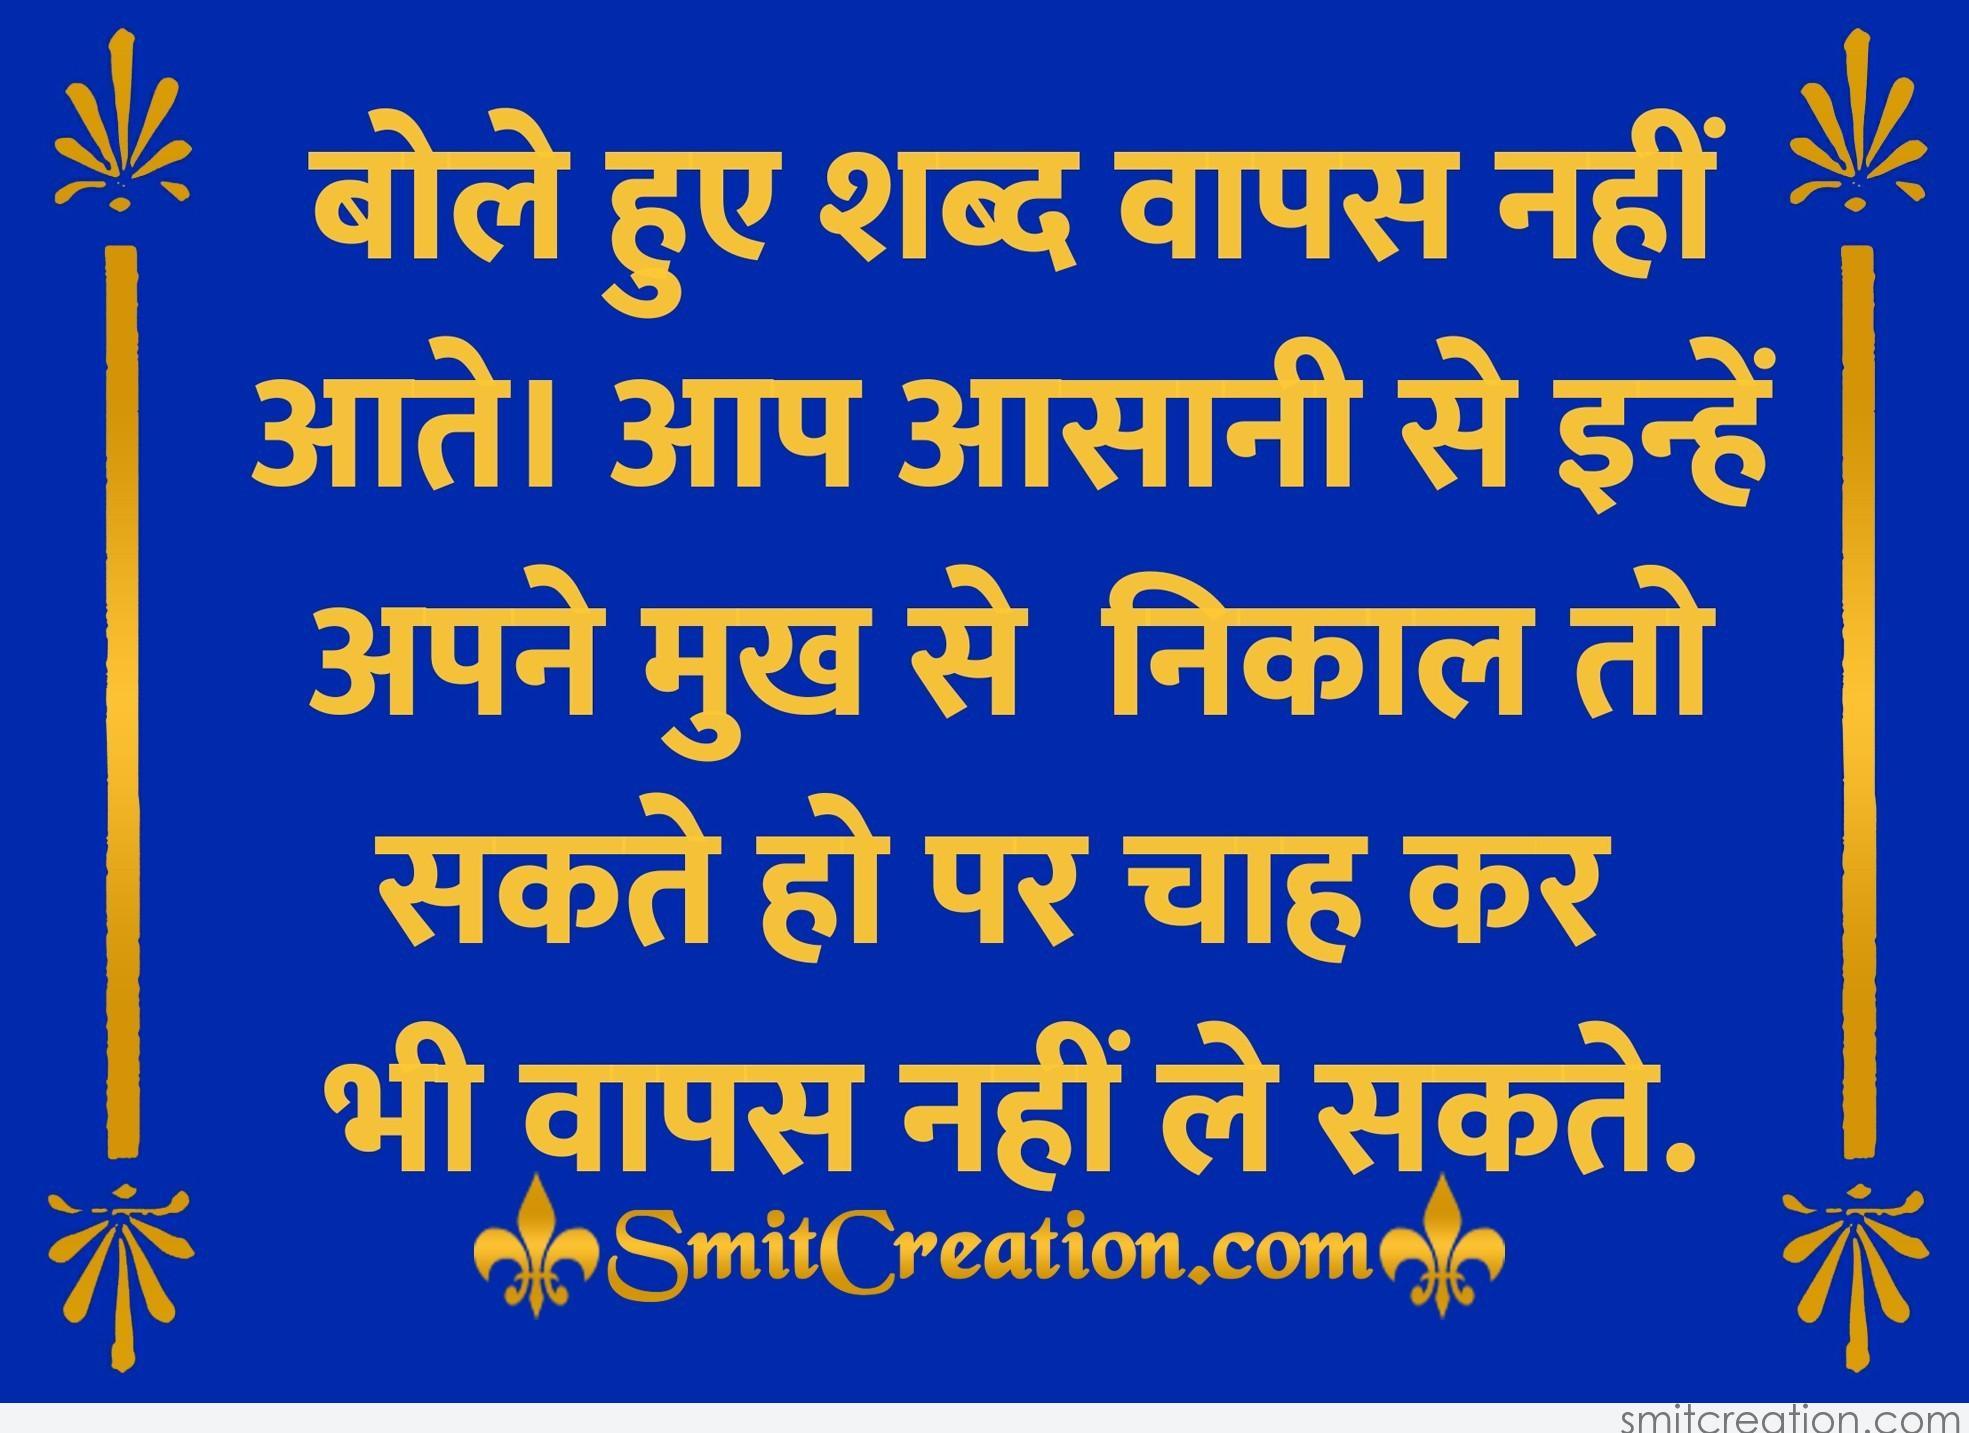 hindi kahaniya प्रेरणादायक हिंदी कहानिया images